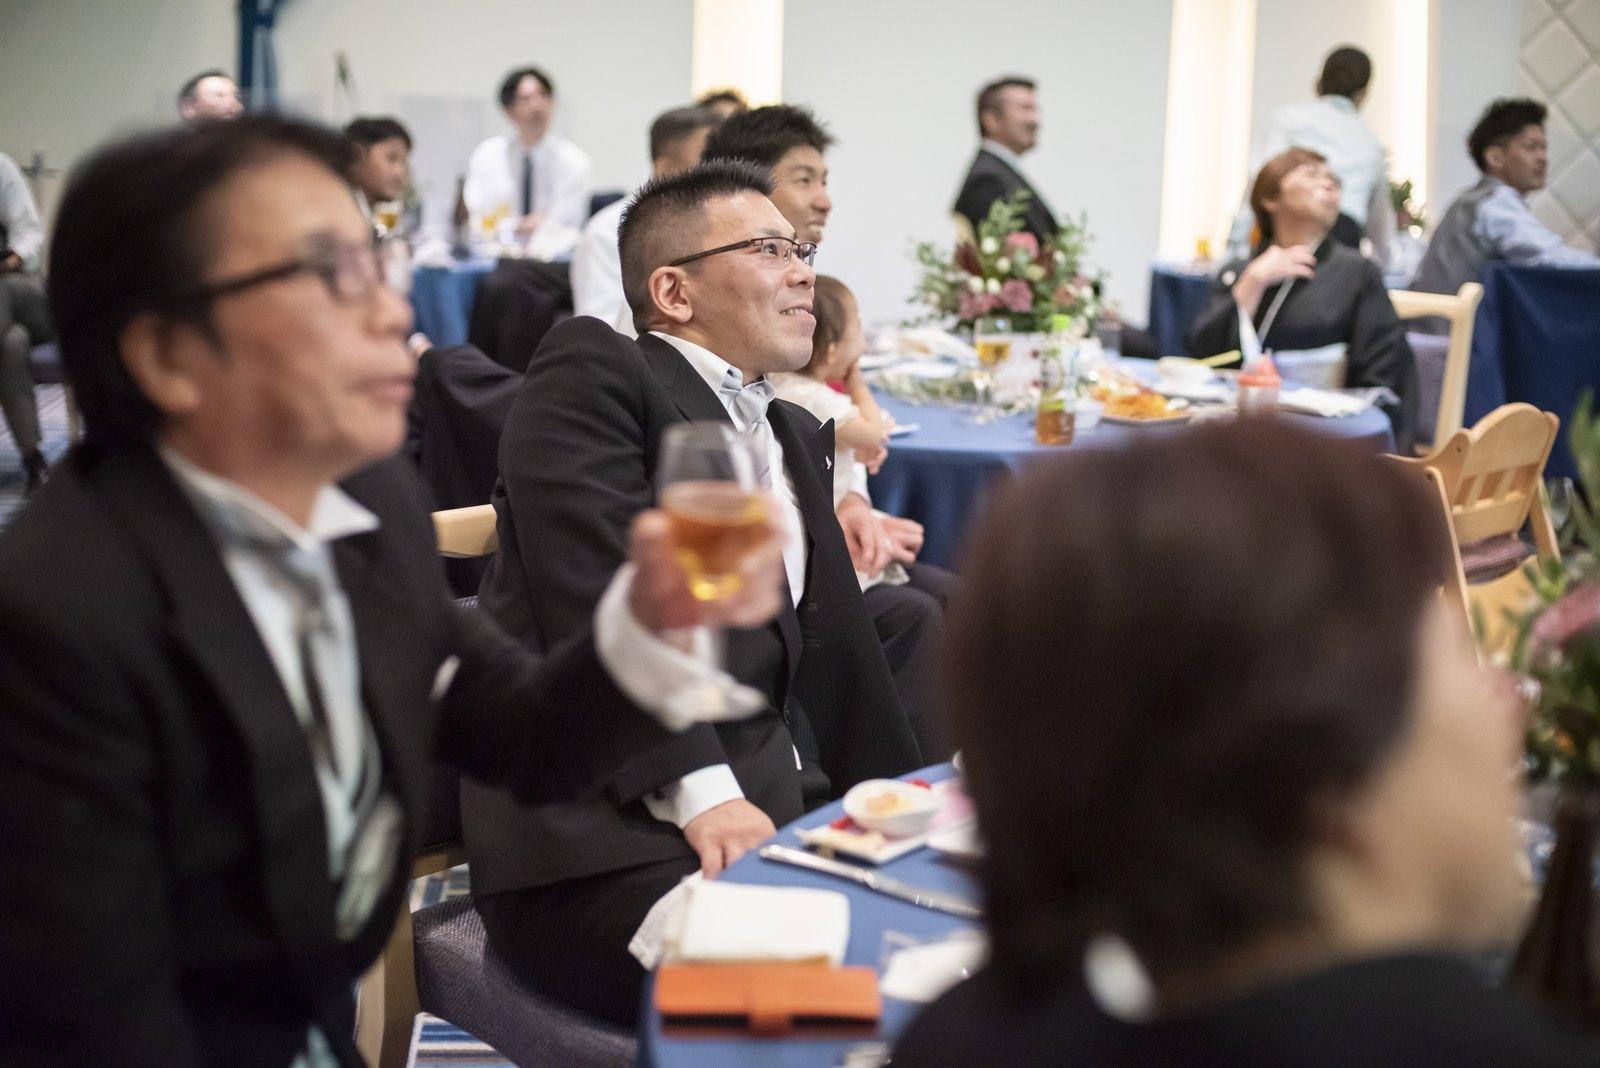 香川県の結婚式場シェルエメール&アイスタイルのゲスト